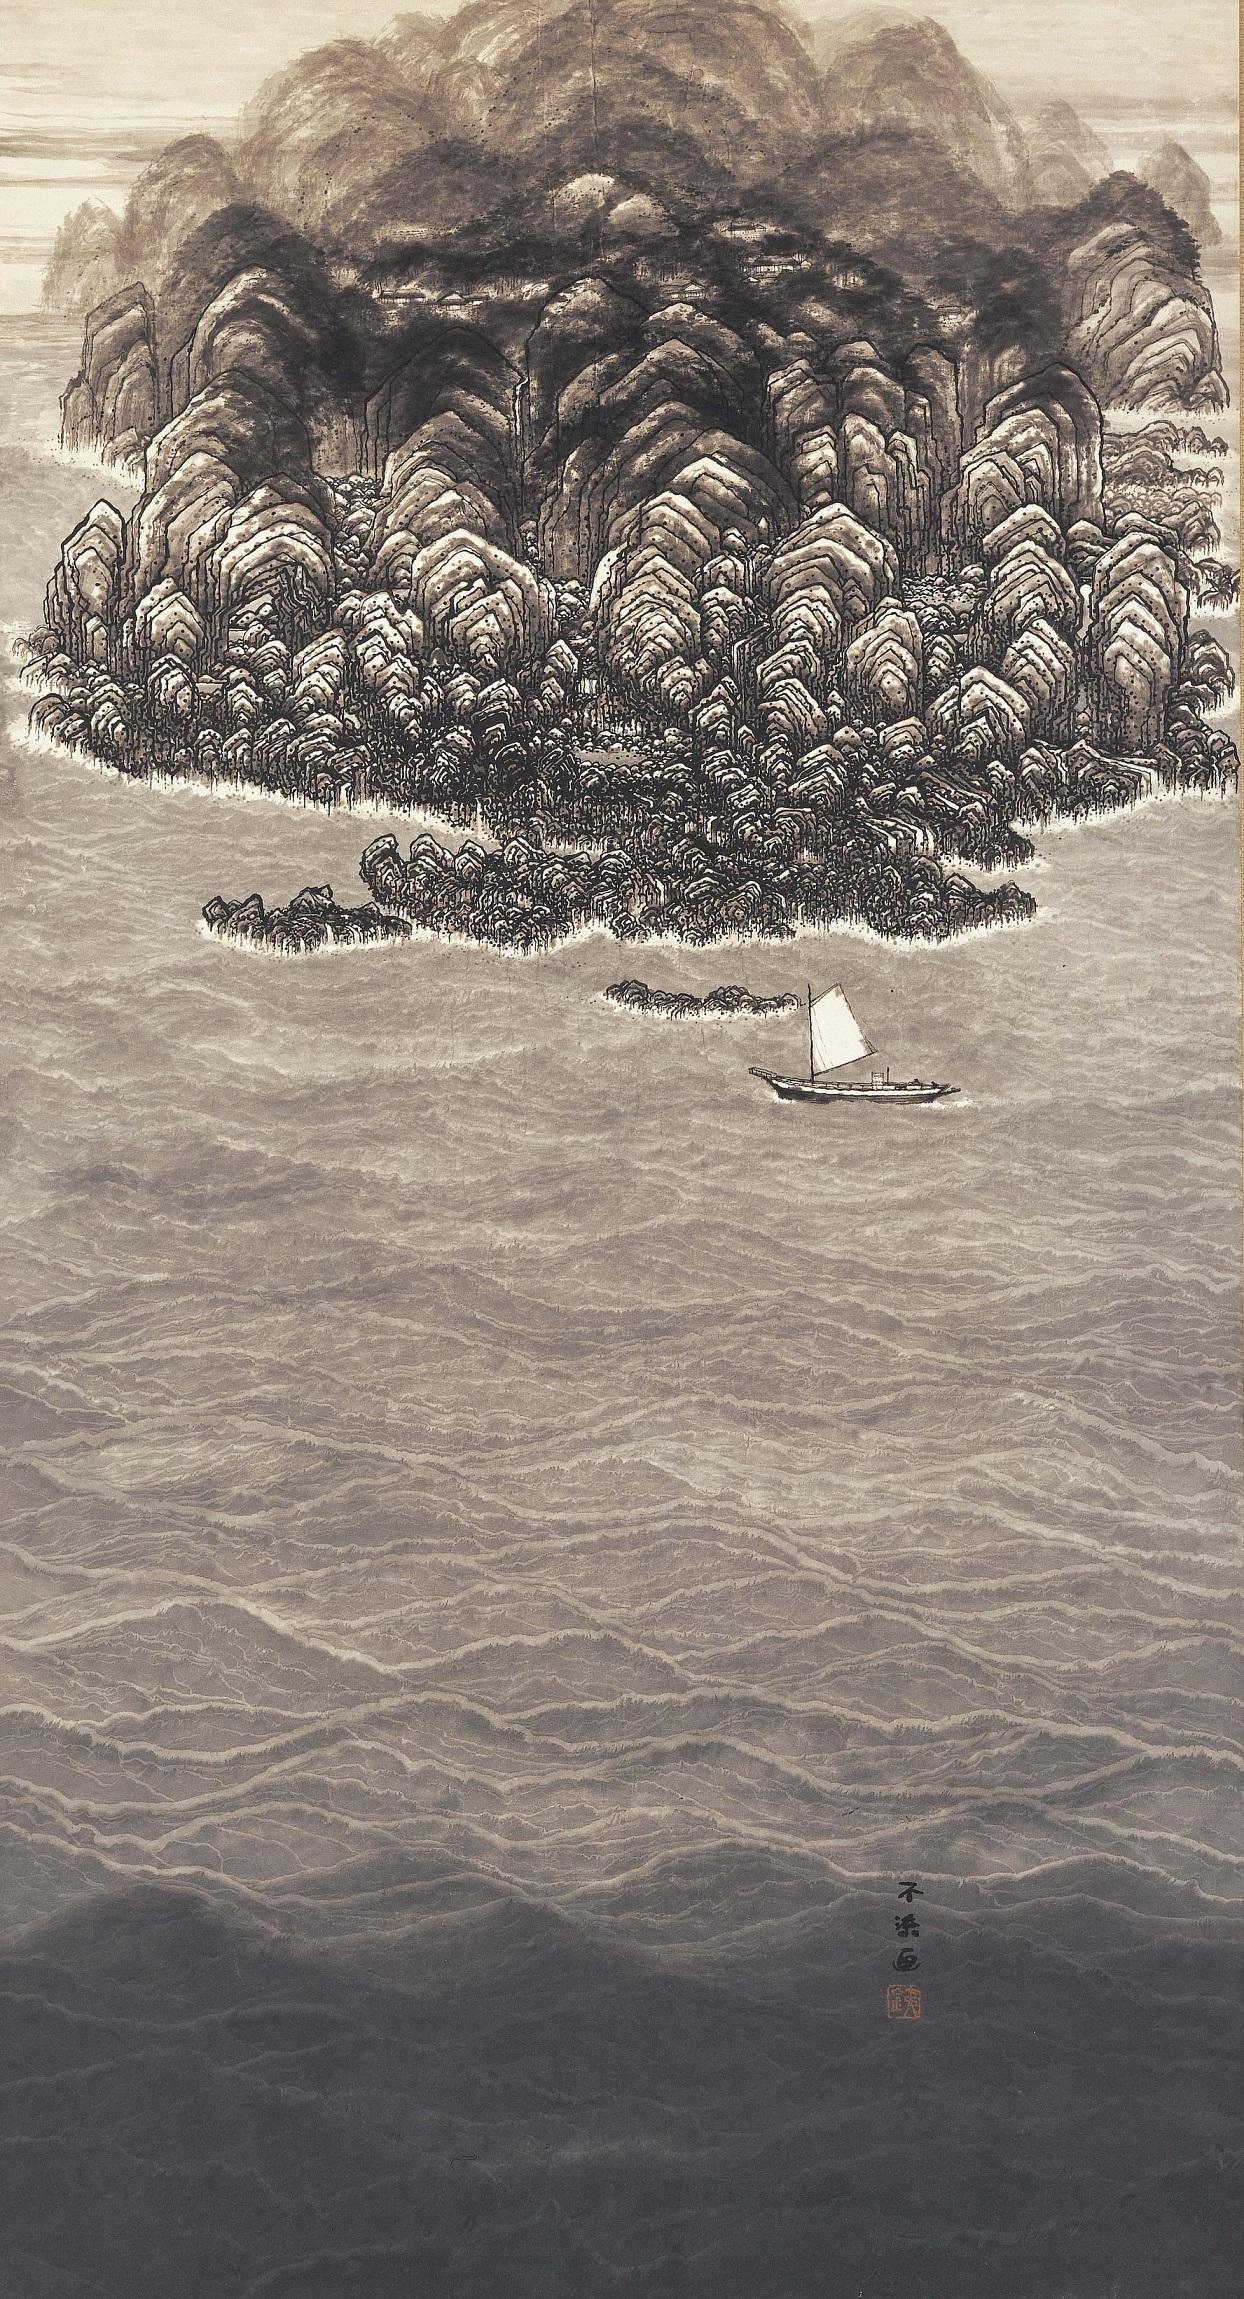 《南海之図》昭和30(1955)年頃 愛知県美術館蔵